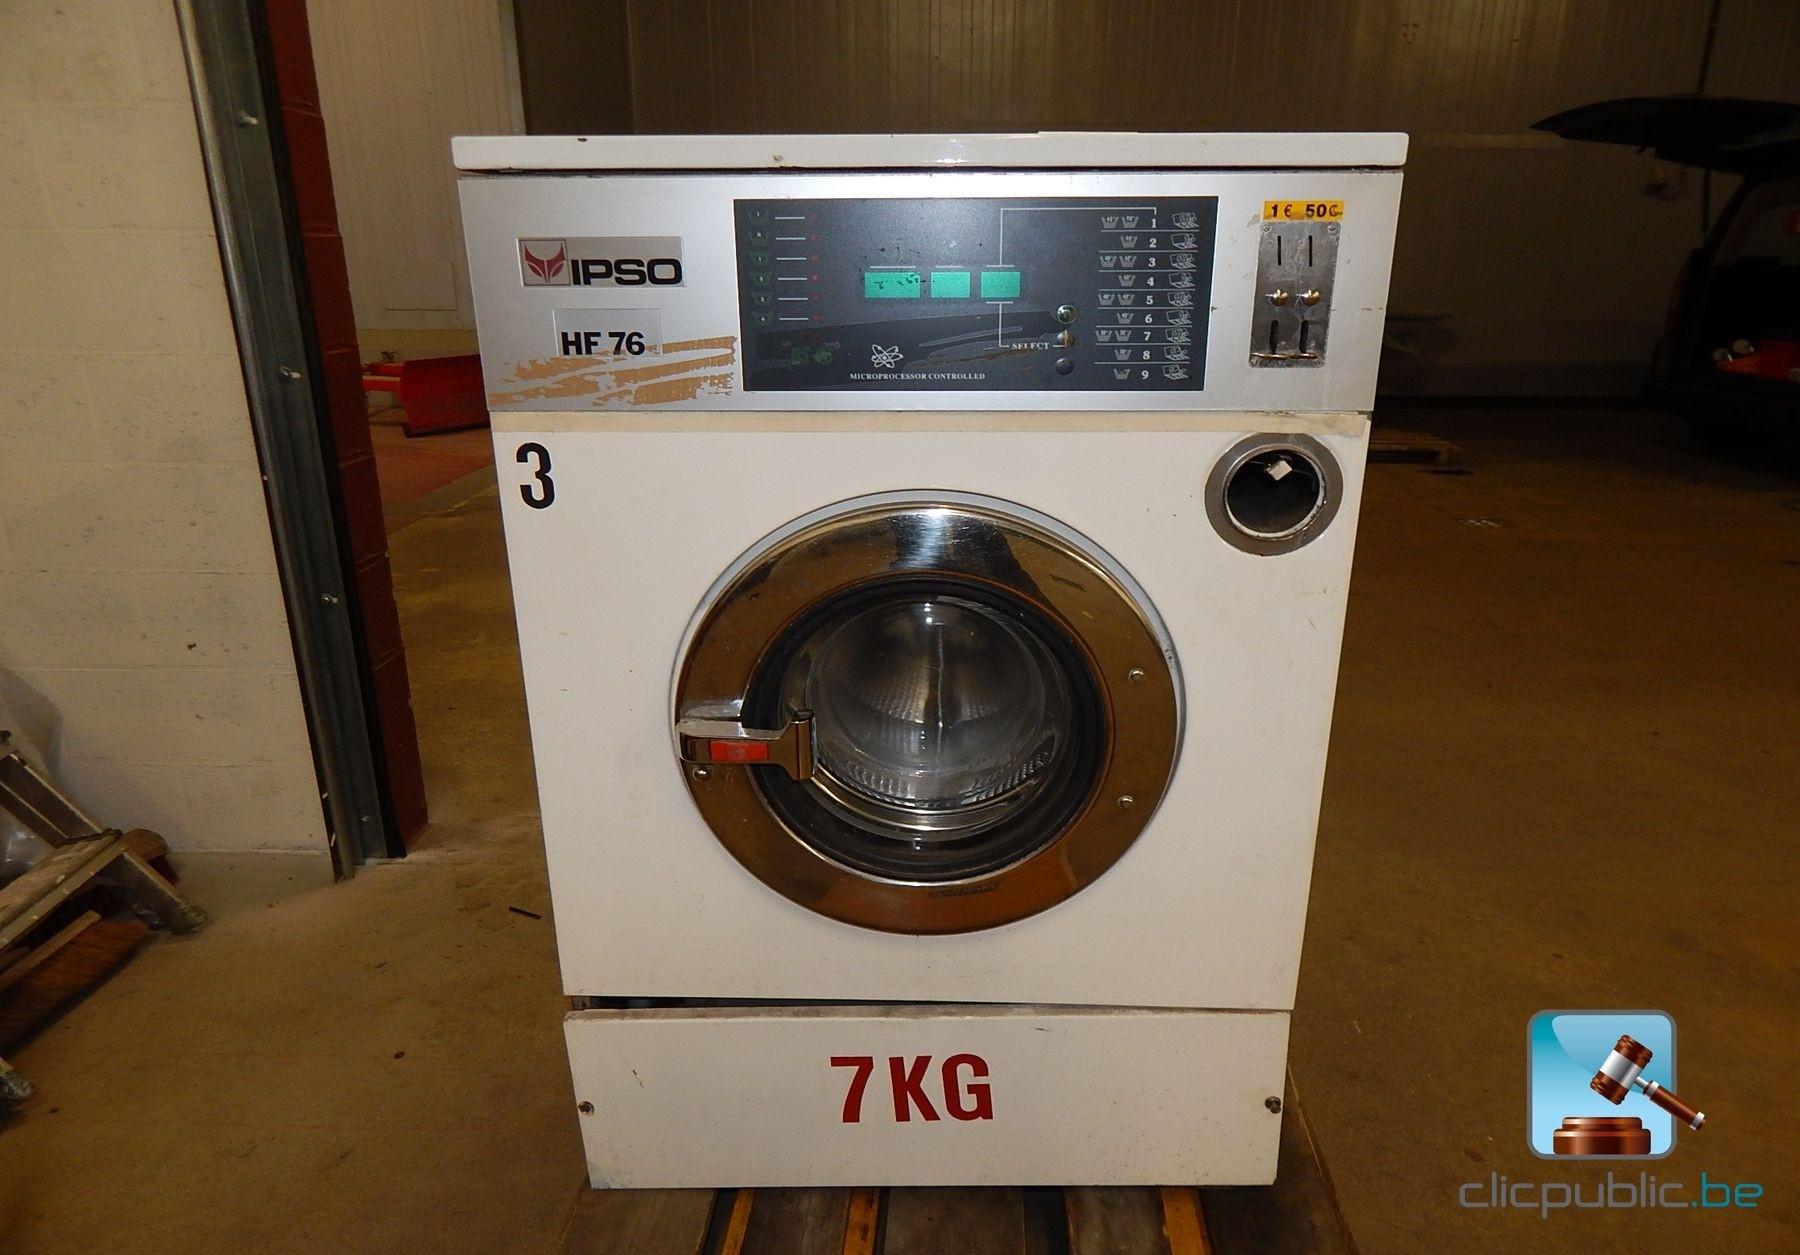 machine laver ipso hf76 avec monnayeur vendre sur. Black Bedroom Furniture Sets. Home Design Ideas